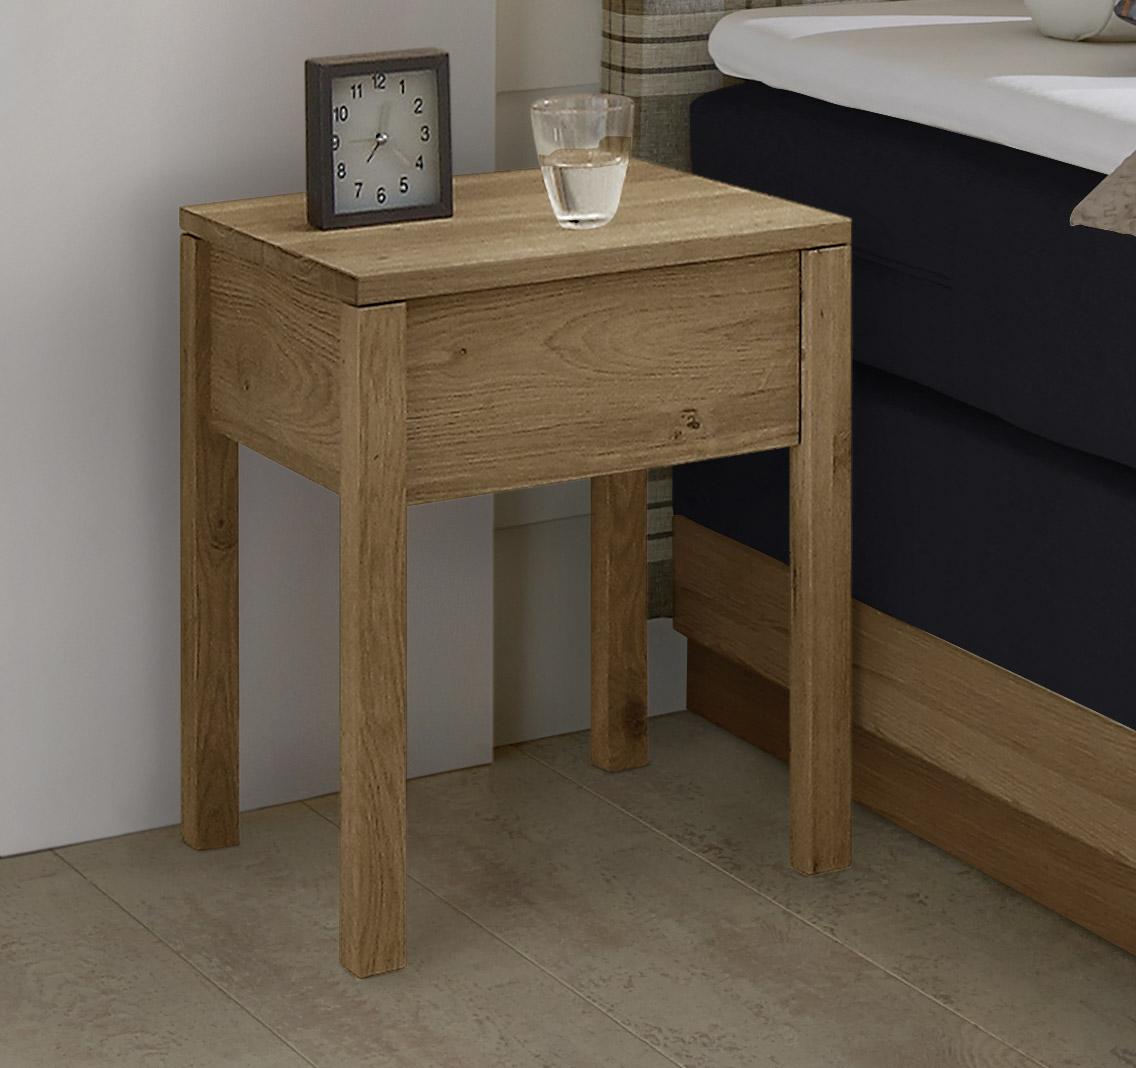 massivholz nachttisch aus ge lter eiche mit schublade vilani. Black Bedroom Furniture Sets. Home Design Ideas